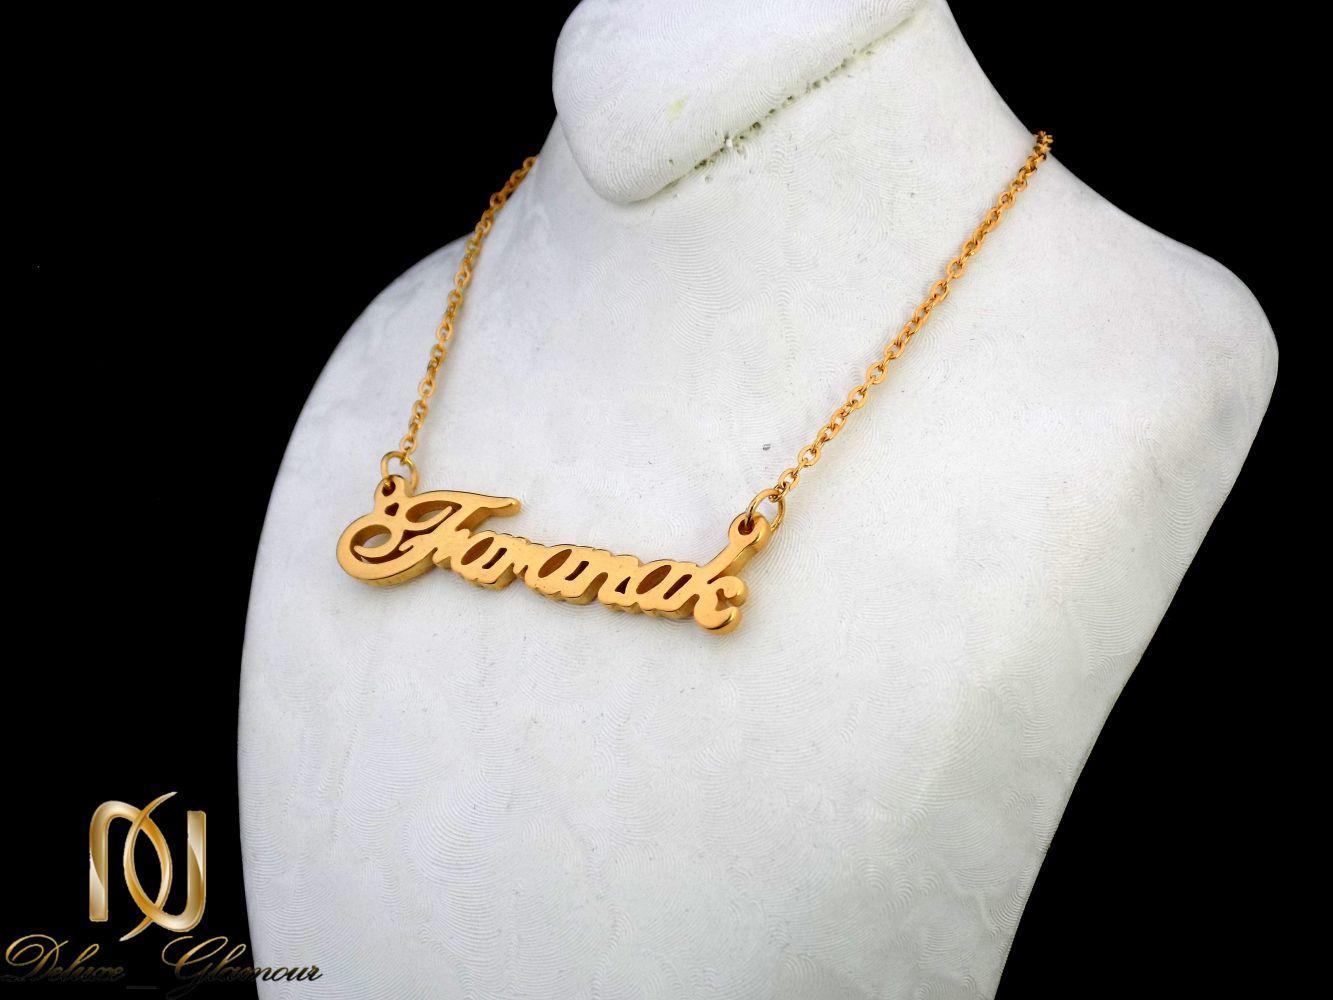 گردنبند اسم فرانک استیل با روکش آب طلای 18 عیار nw-n254 از نمای کنار